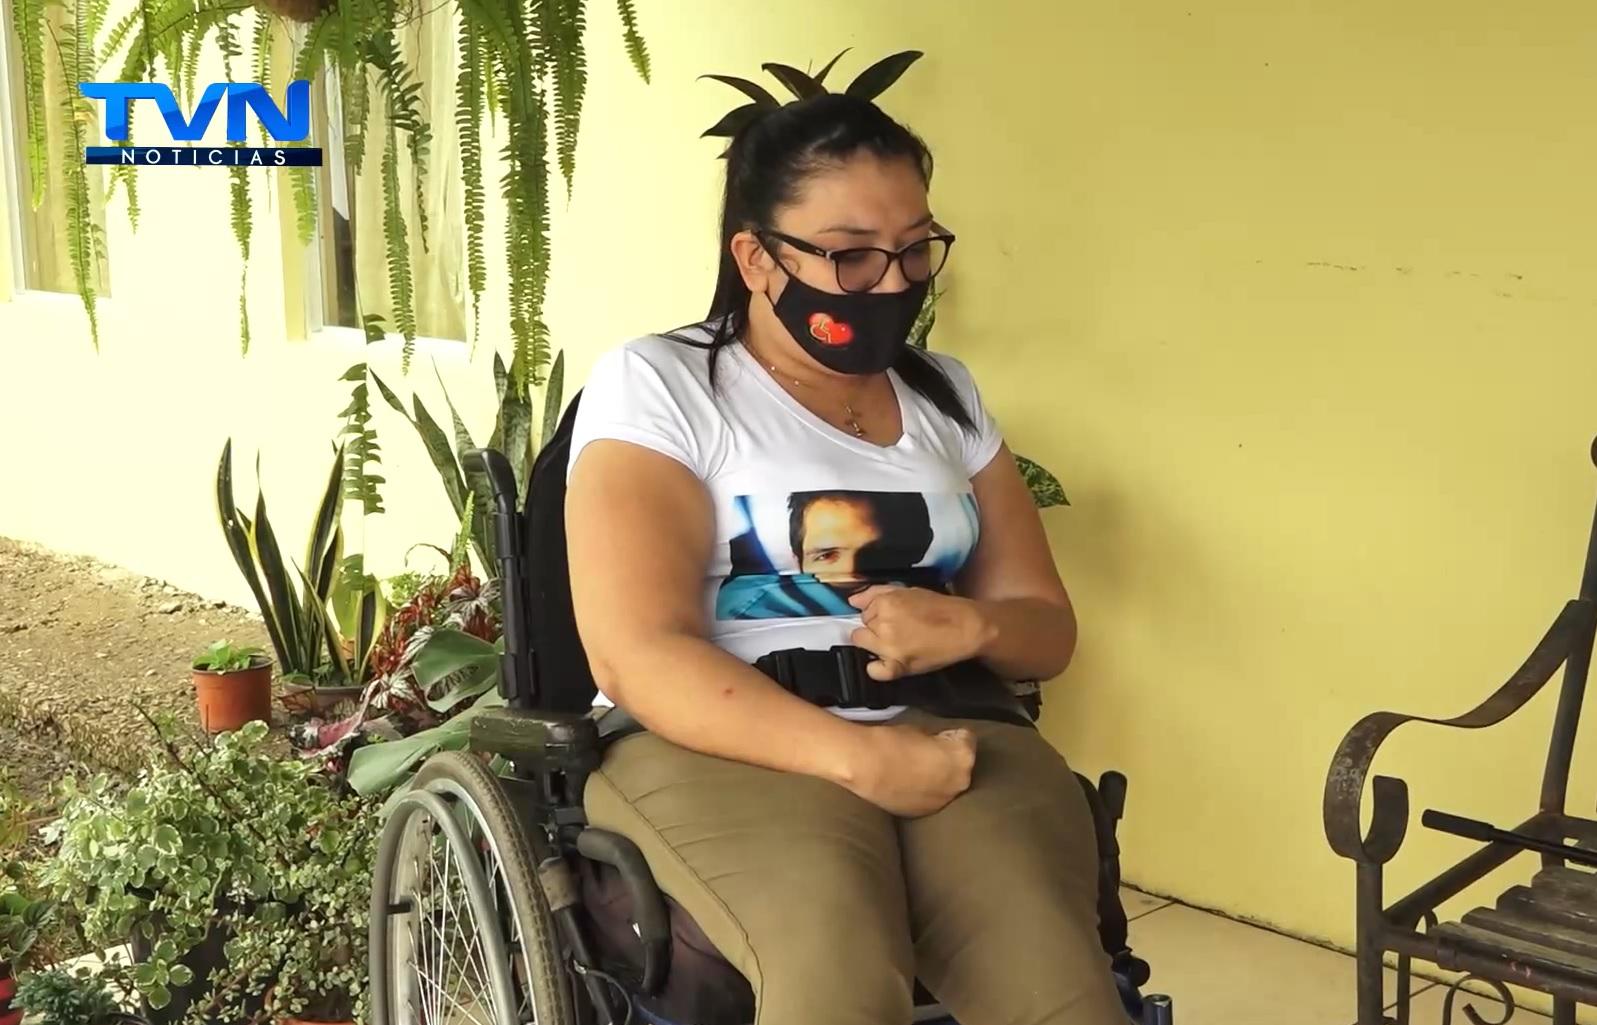 Regidores sancarleños solicitarán al Hospital San Carlos una romana especial para las personas con discapacidad